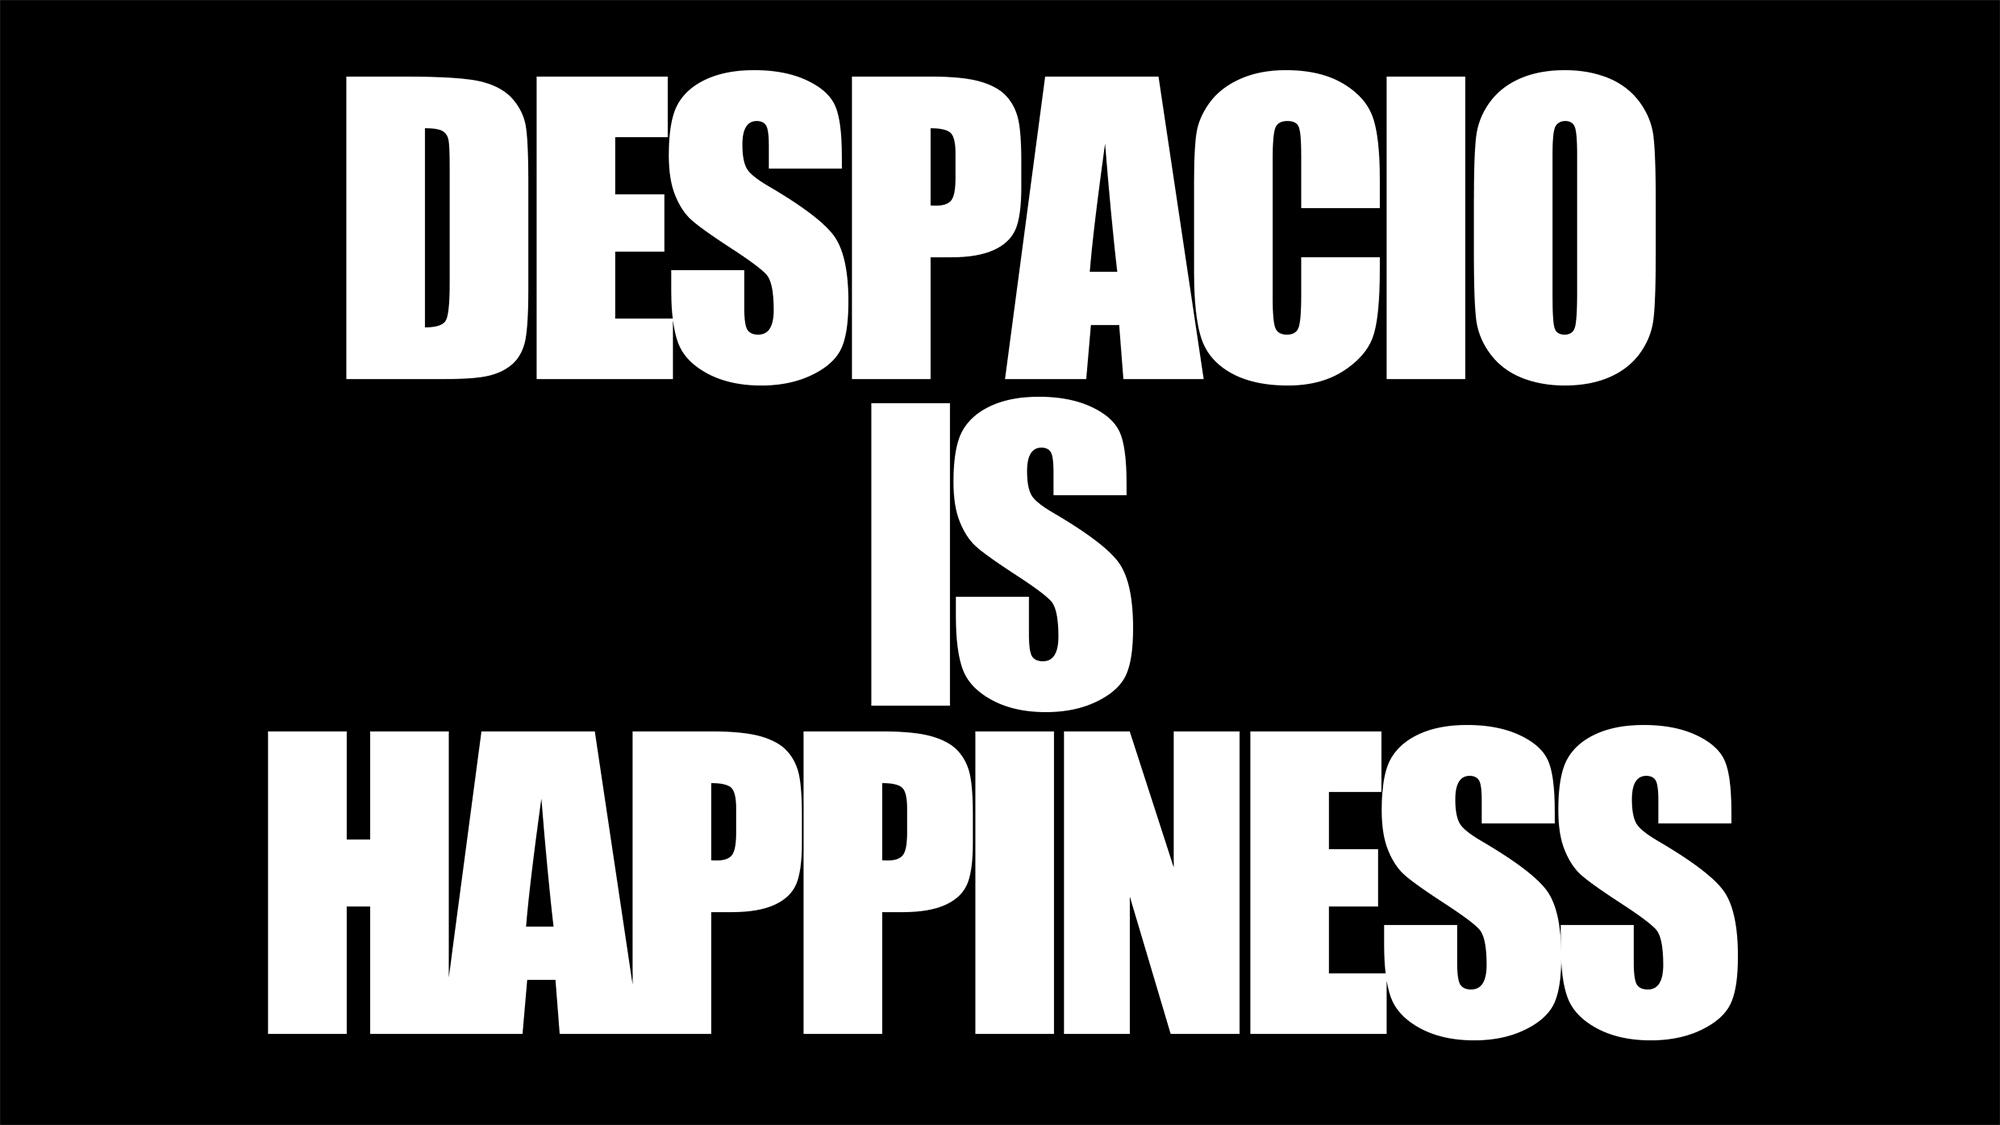 Despacio, image by James Murphy